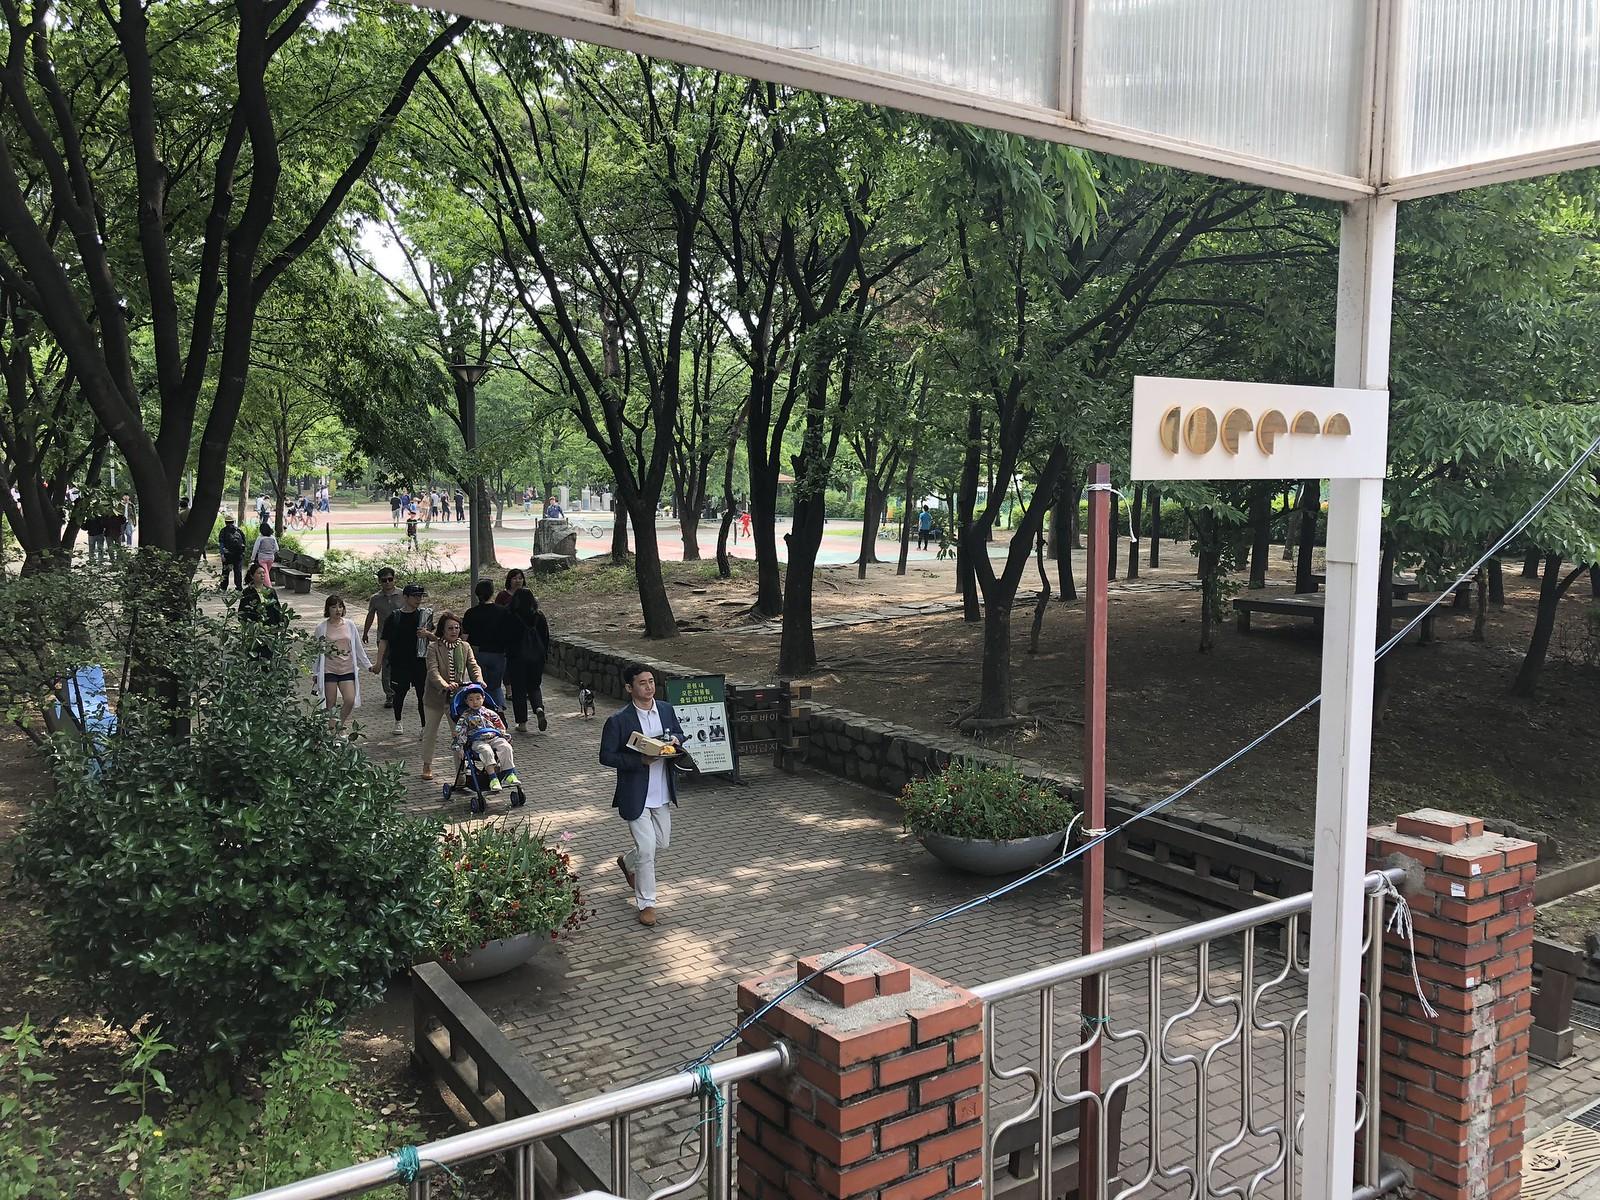 센터커피에서 바라본 서울숲 입구